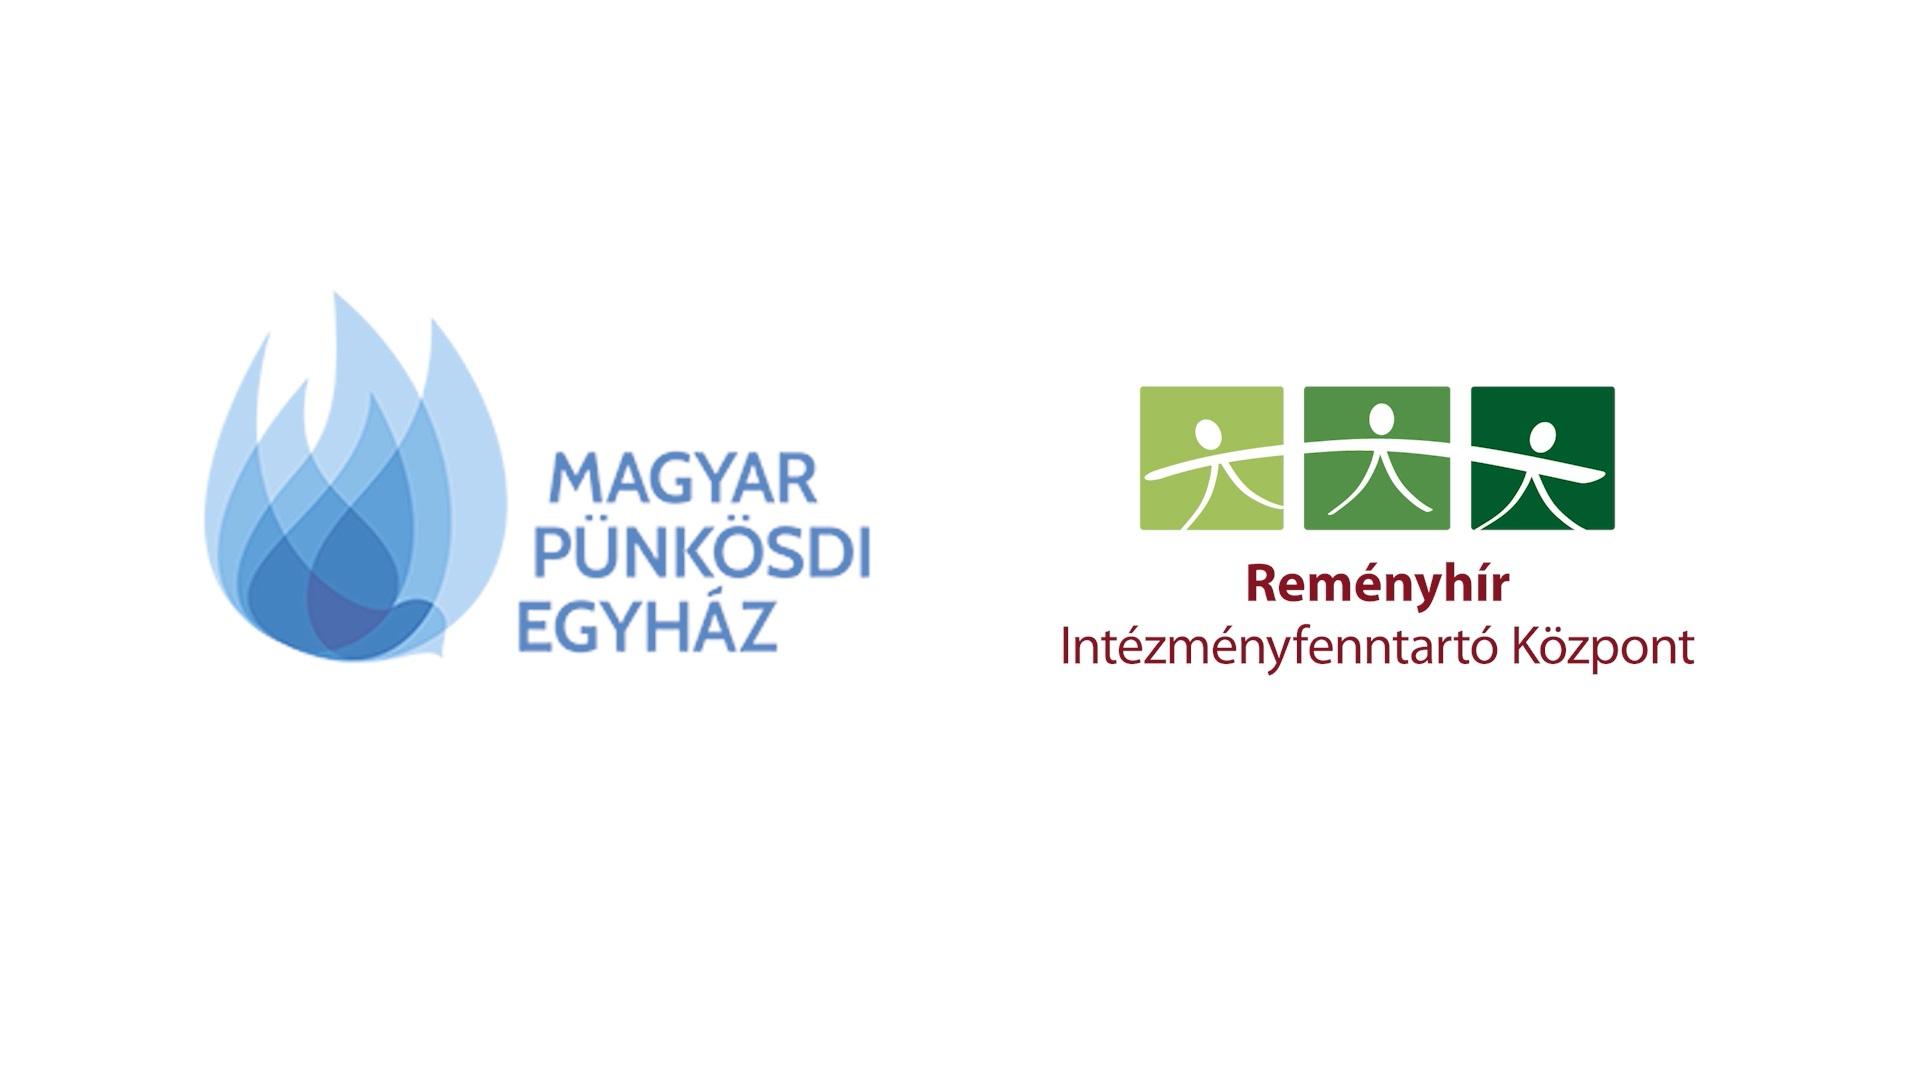 Támogassa ön is adója 1+1%-ával a Magyar Pünkösdi Egyház munkáját, illetve a Reményhír Intézmény Gyermekeiért Alapítványt